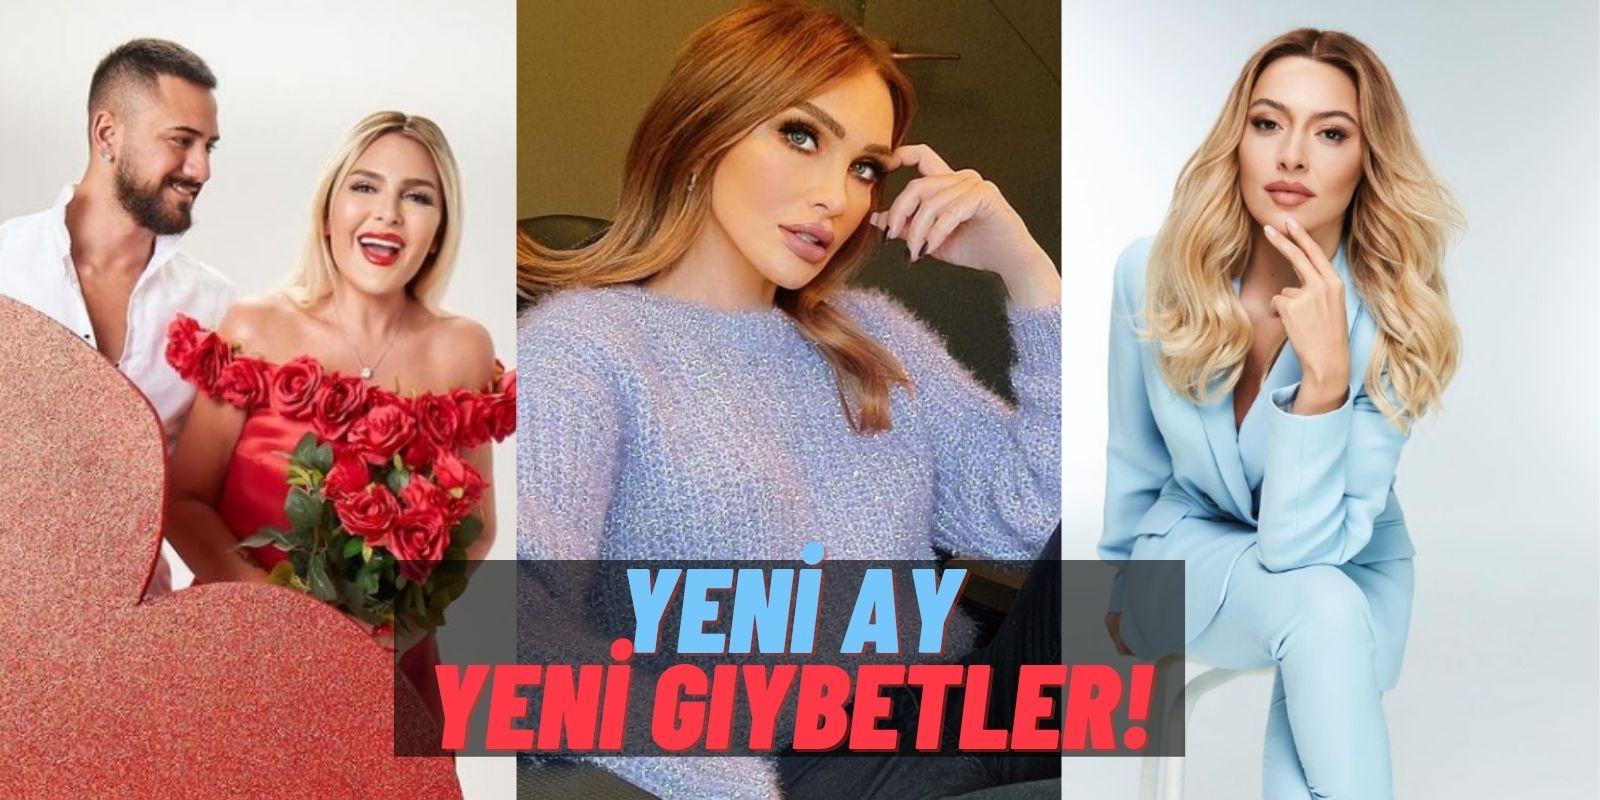 Dedikodu Kazanı: Seren Serengil Hastanelik Oldu, Selin Ciğerci'den 7 Milyonluk Vergi, Hülya Avşar'ın Burnu Nerede?